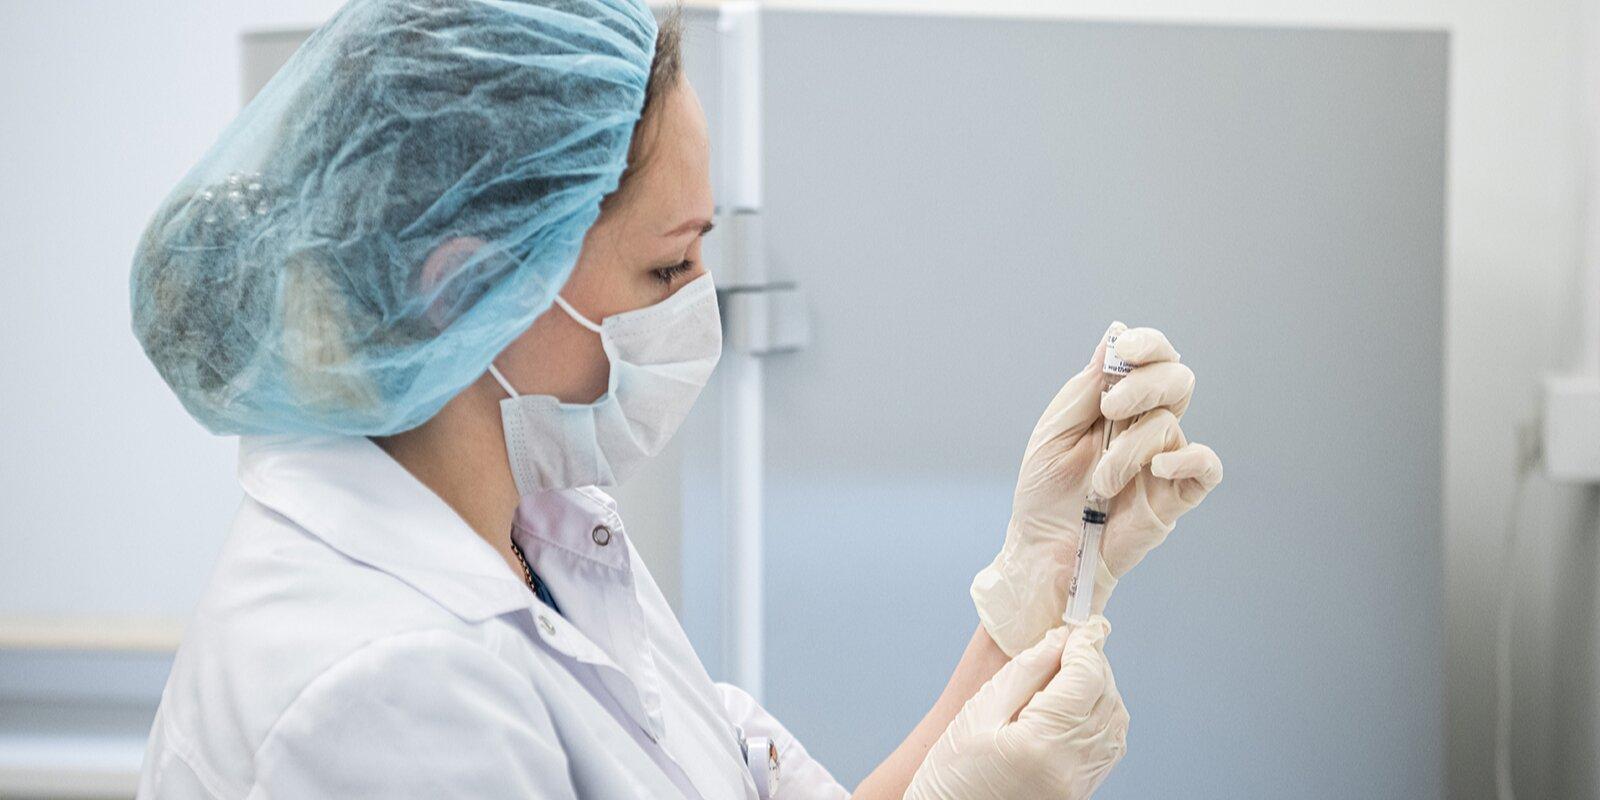 Выездные бригады вакцинации начнут работу еще в двух торговых центрах Москвы